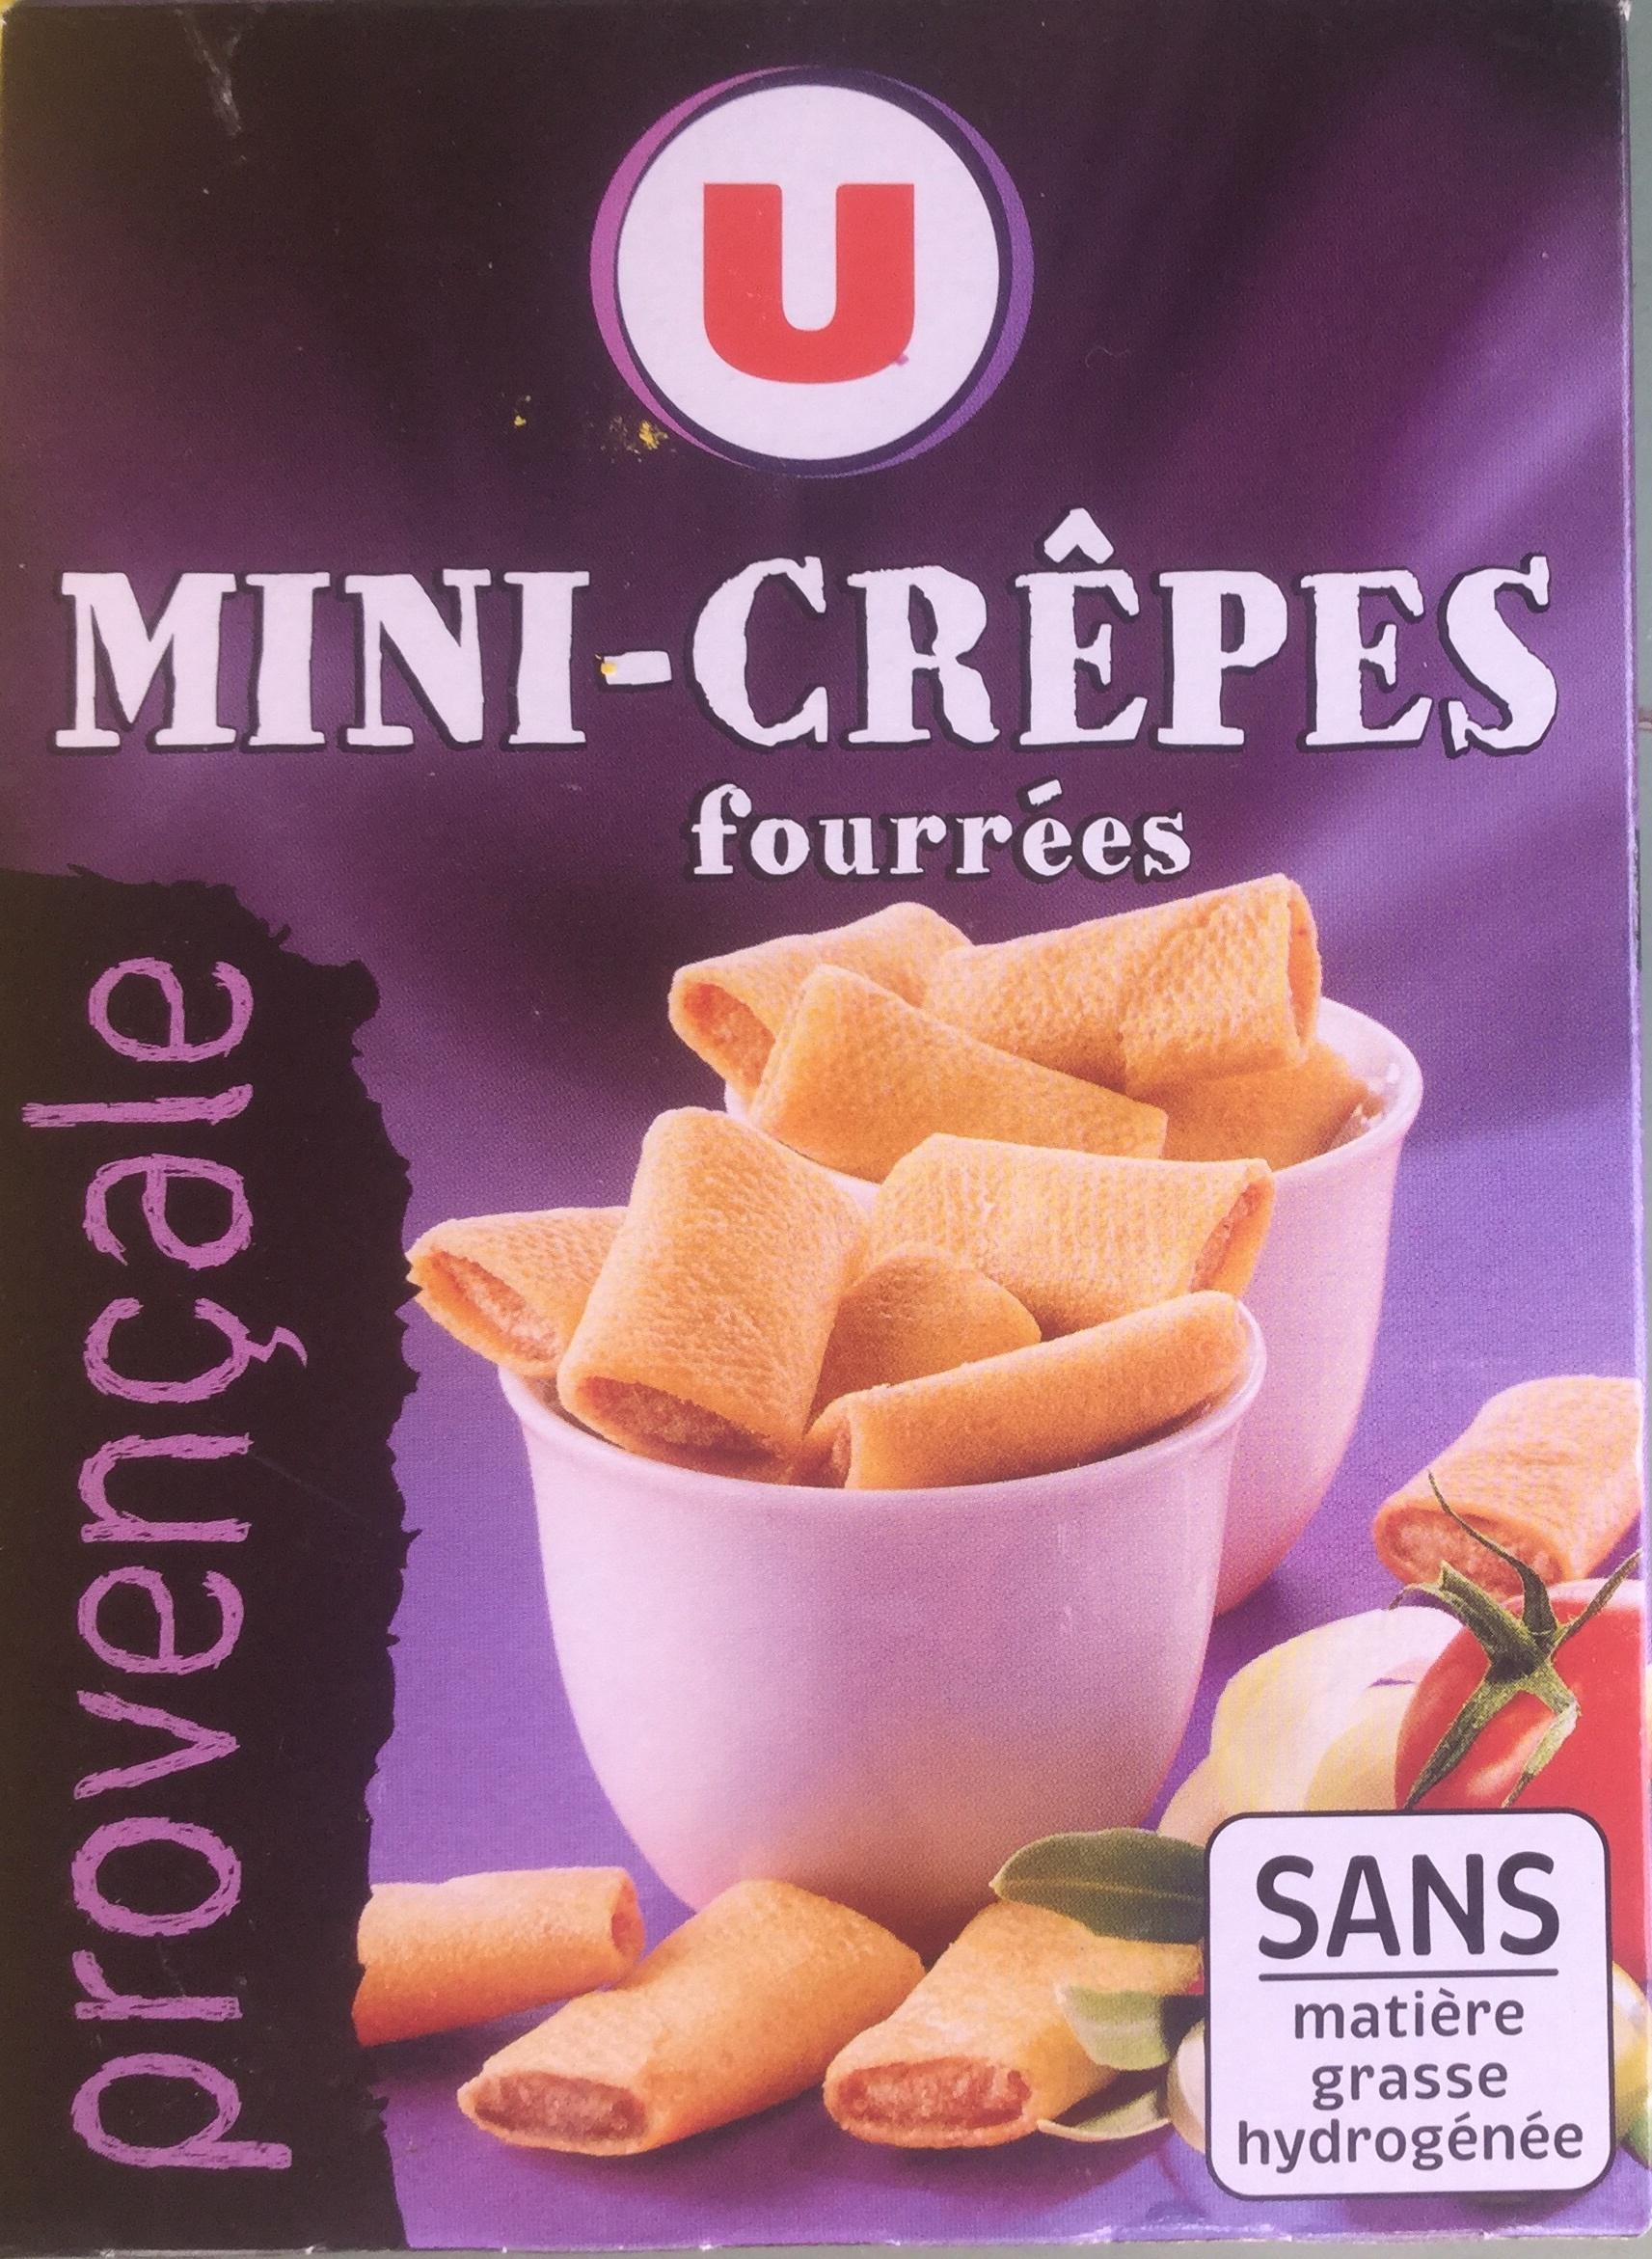 Mini-crêpes fourrées provençale - Product